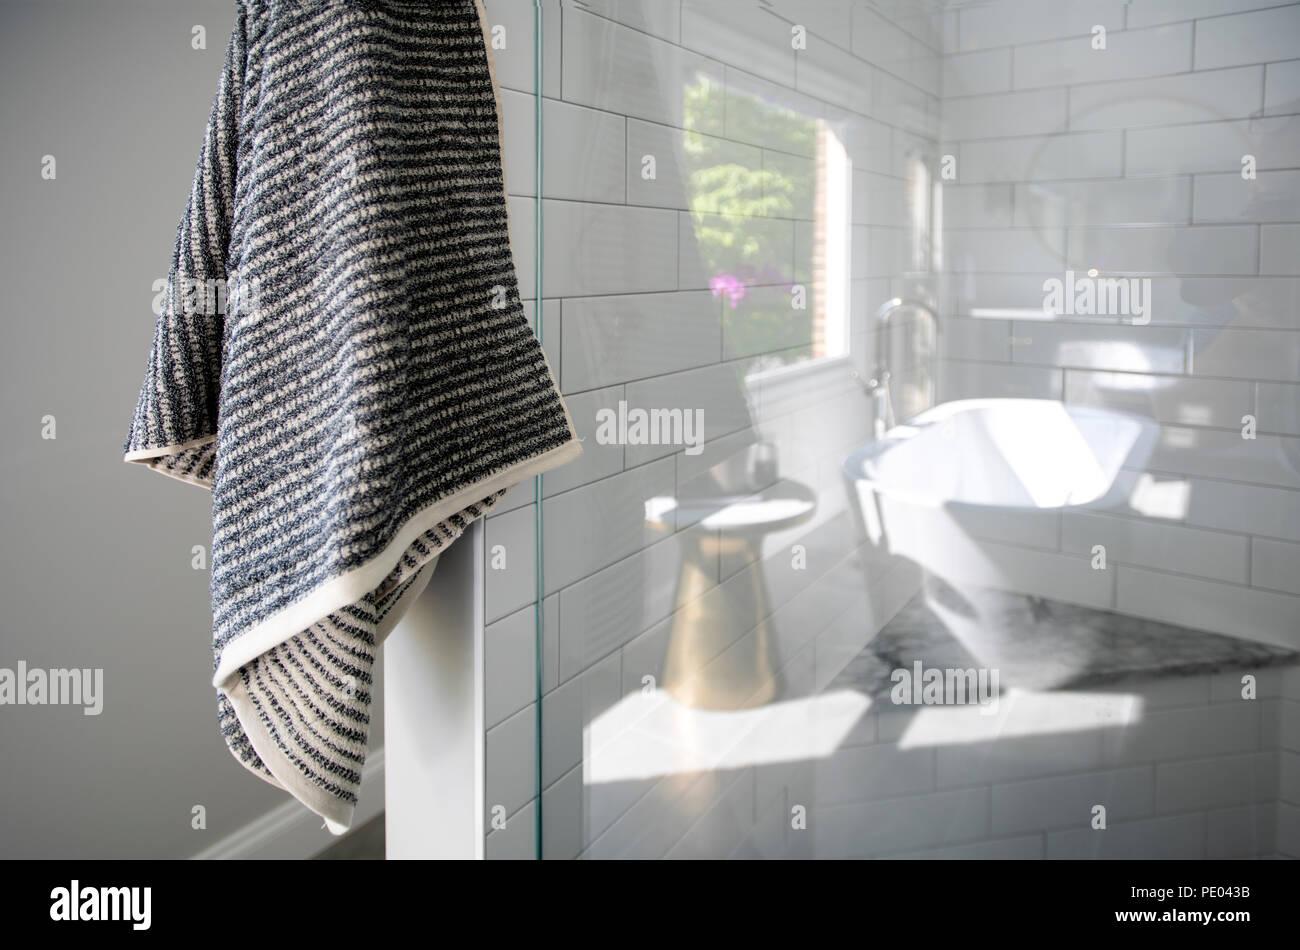 Bagni Piastrelle Bianche : Un high end bagno residenziale box doccia con piastrelle bianche e